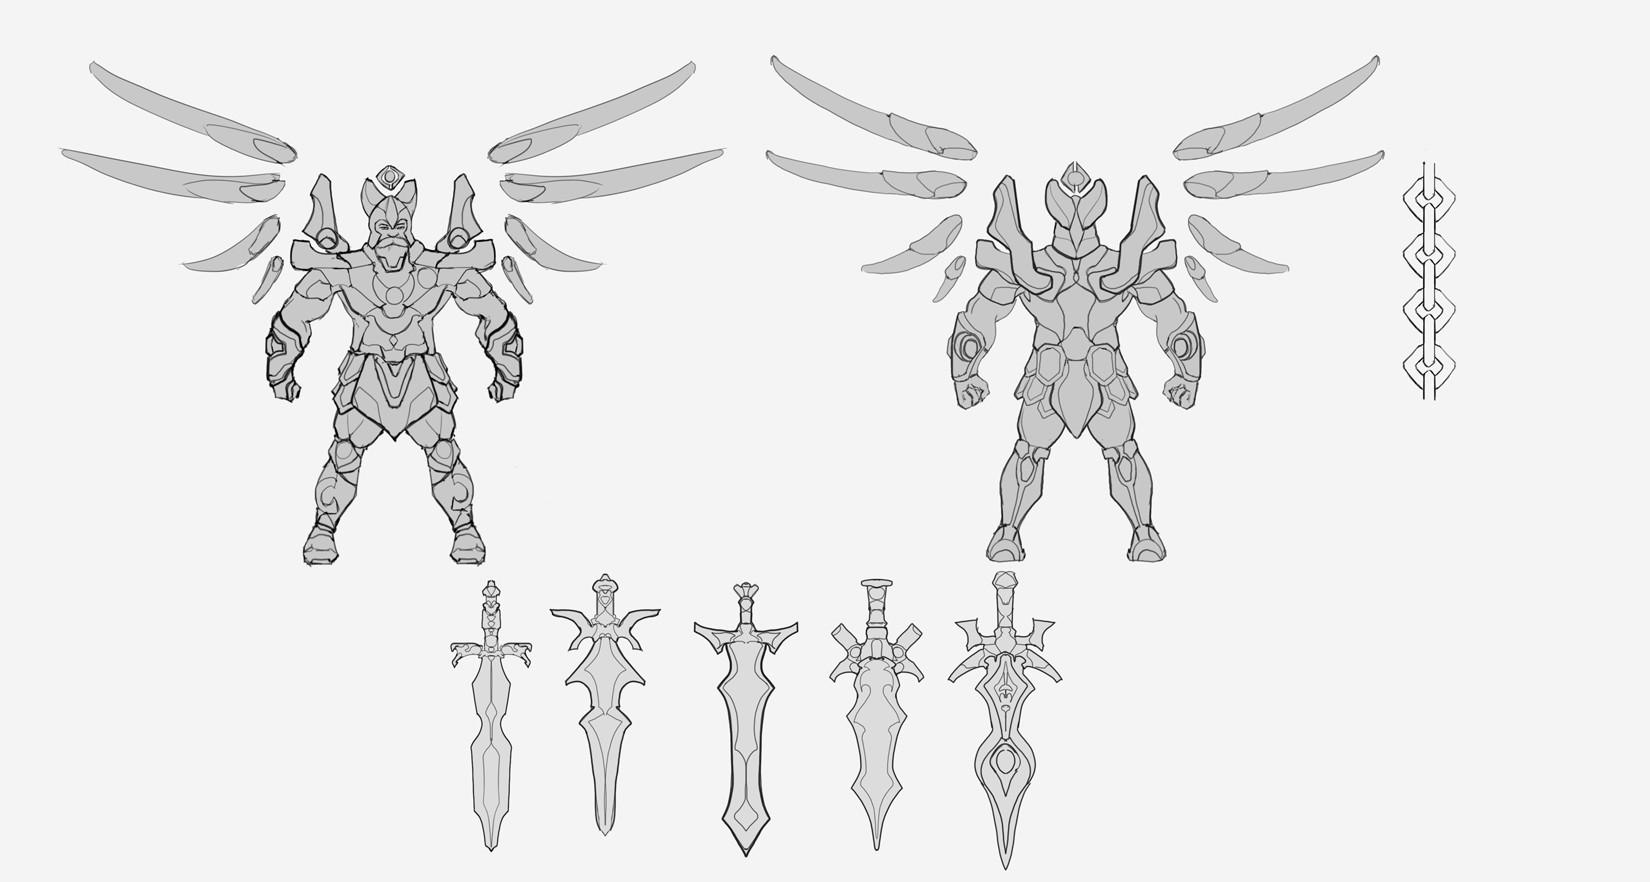 Danny kundzinsh art war archangel concept sheet linework